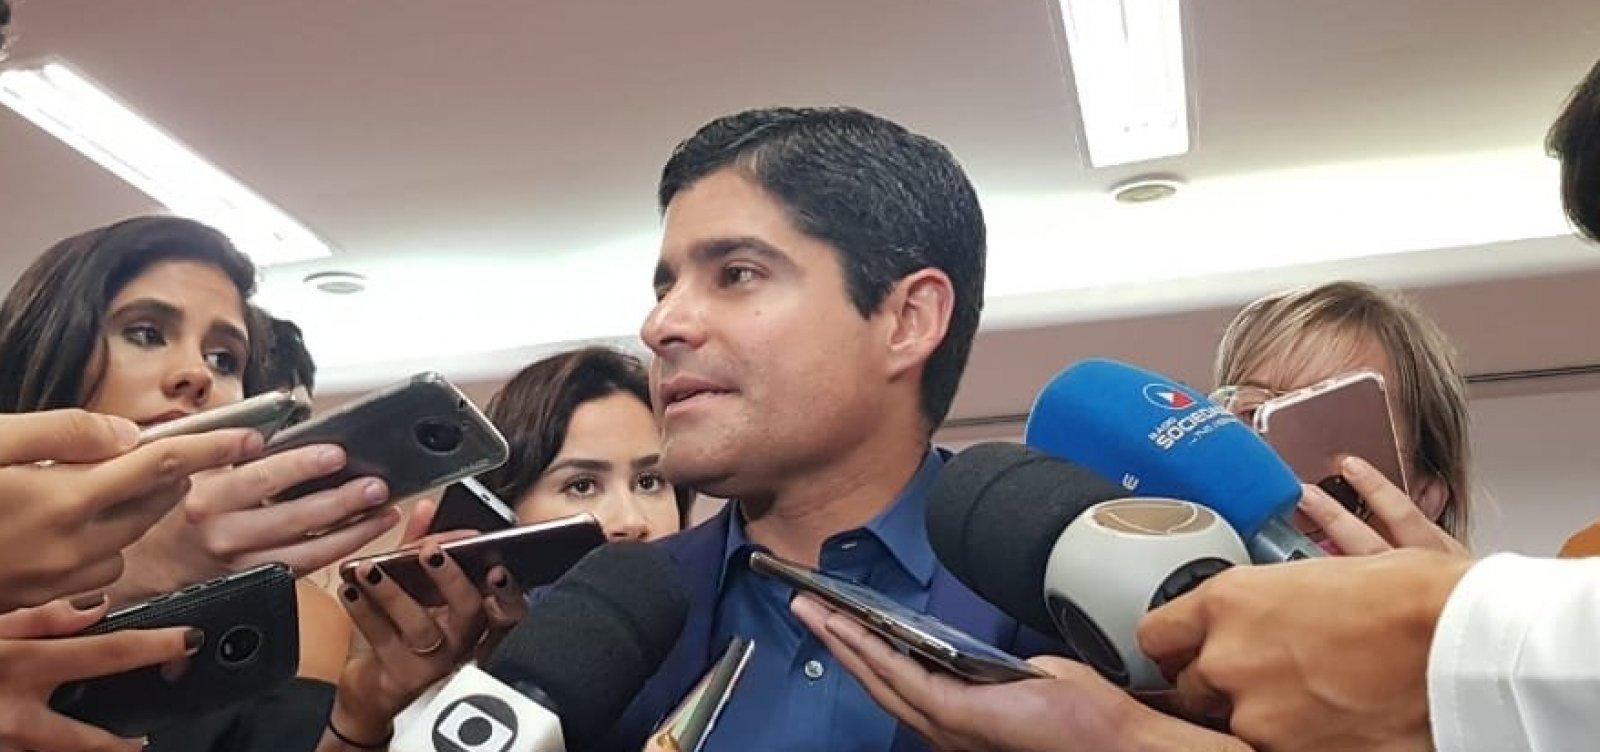 [Neto diz não ter medo de críticas por apoio a Bolsonaro: 'Nenhum constrangimento']